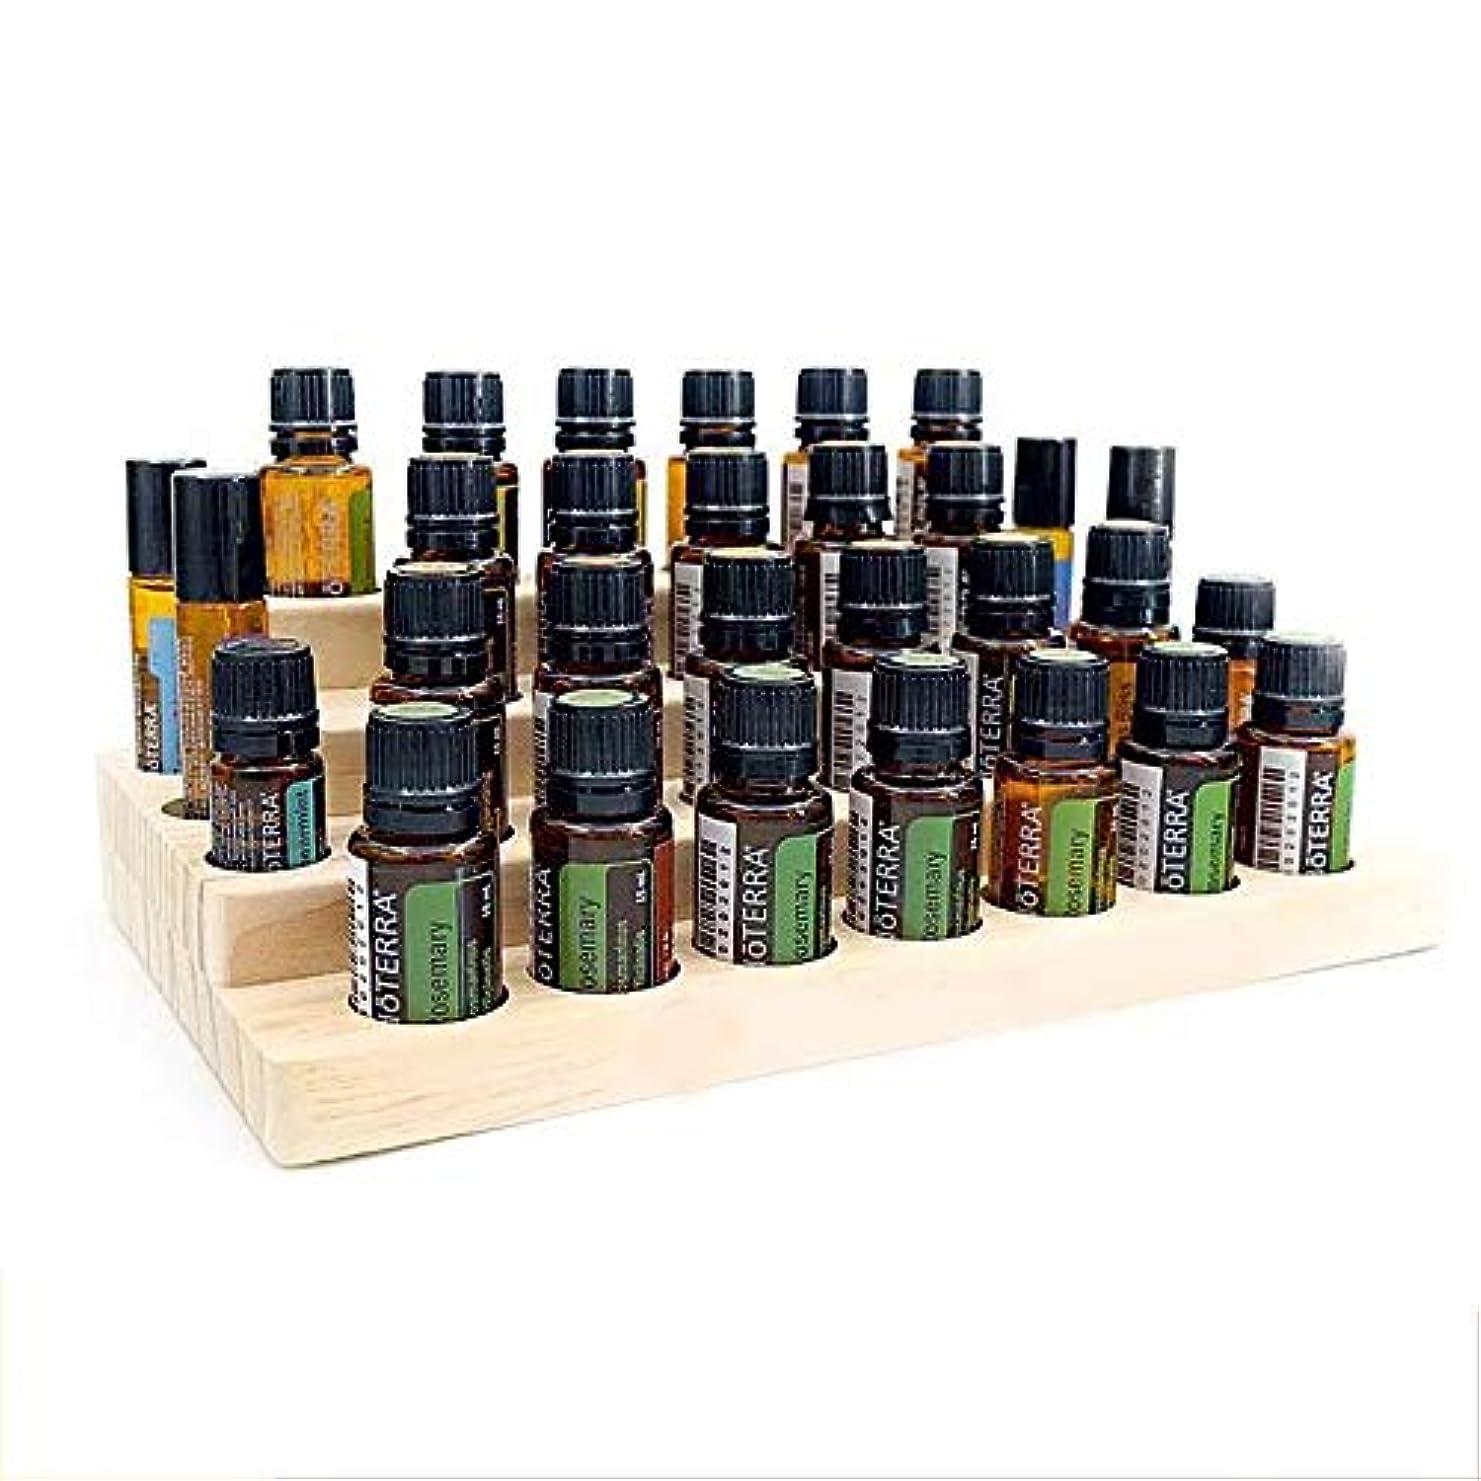 シソーラスリマ出演者30スロット木製エッセンシャルオイル木製ボックス油の収納ケースは、30本のボトルを保持します アロマセラピー製品 (色 : Natural, サイズ : 28.7X16.7X7.8CM)